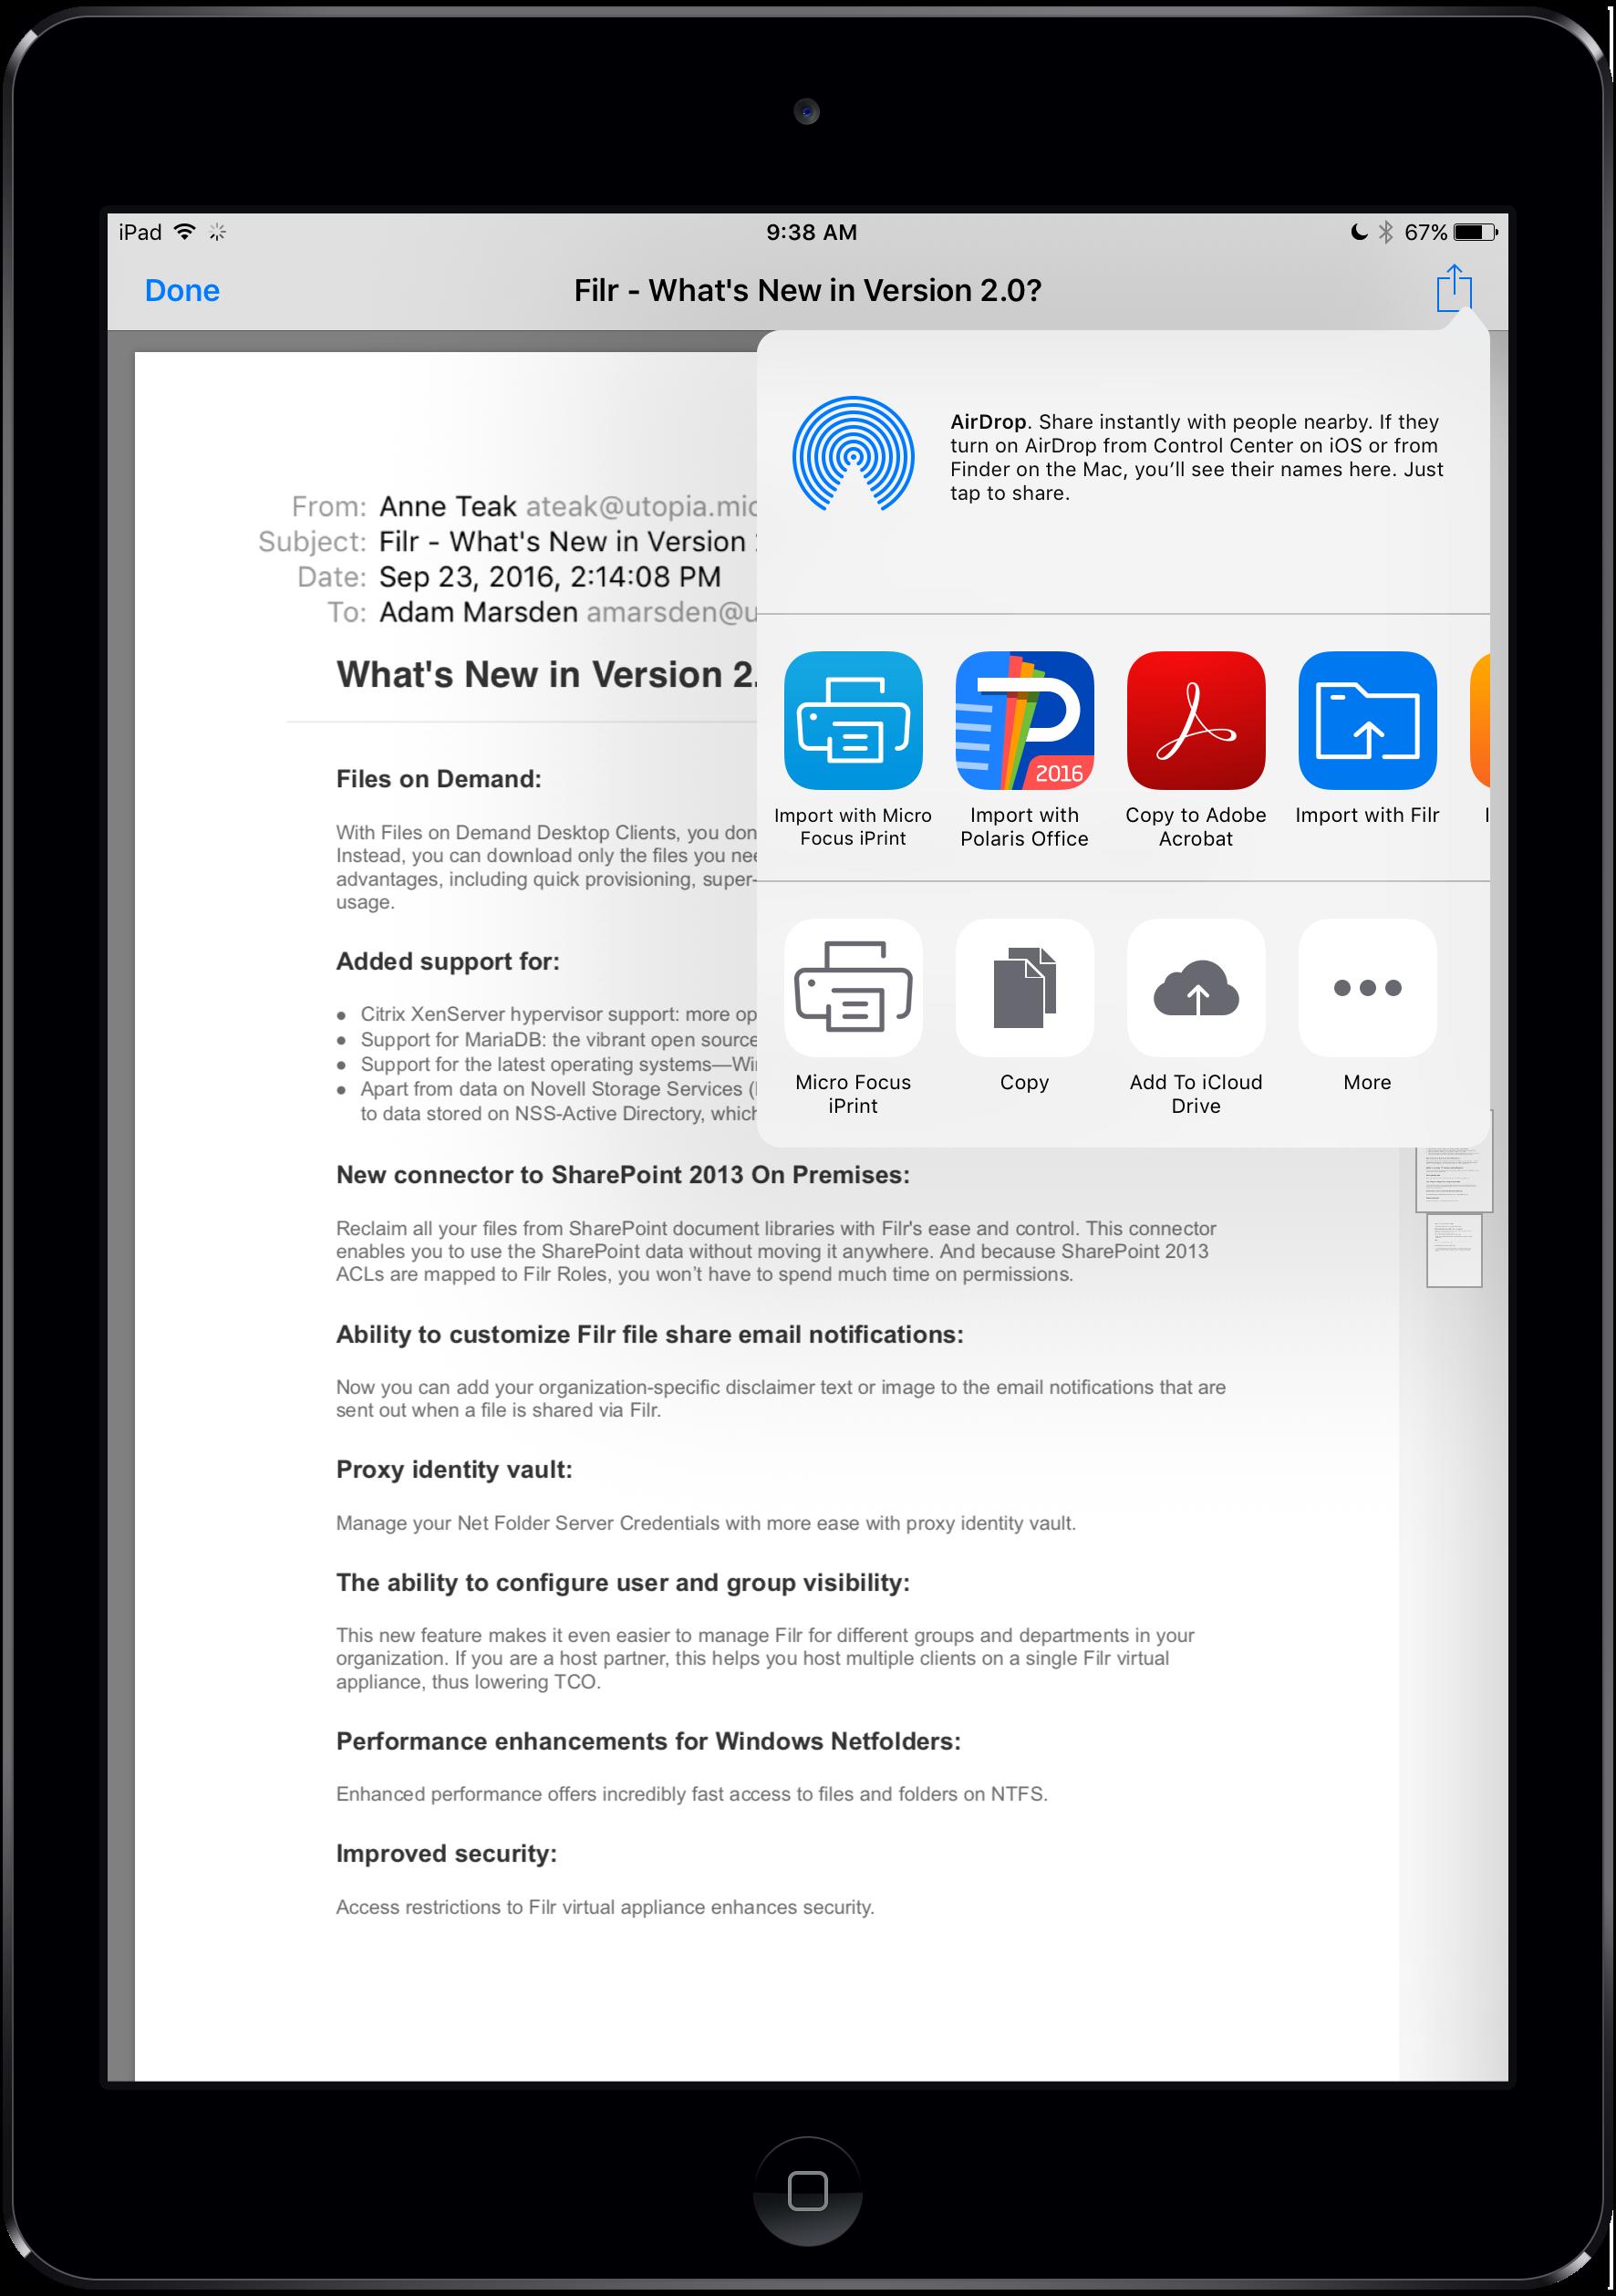 """Print"""" to PDF and Save to Filr using iOS 10 - Micro Focus"""